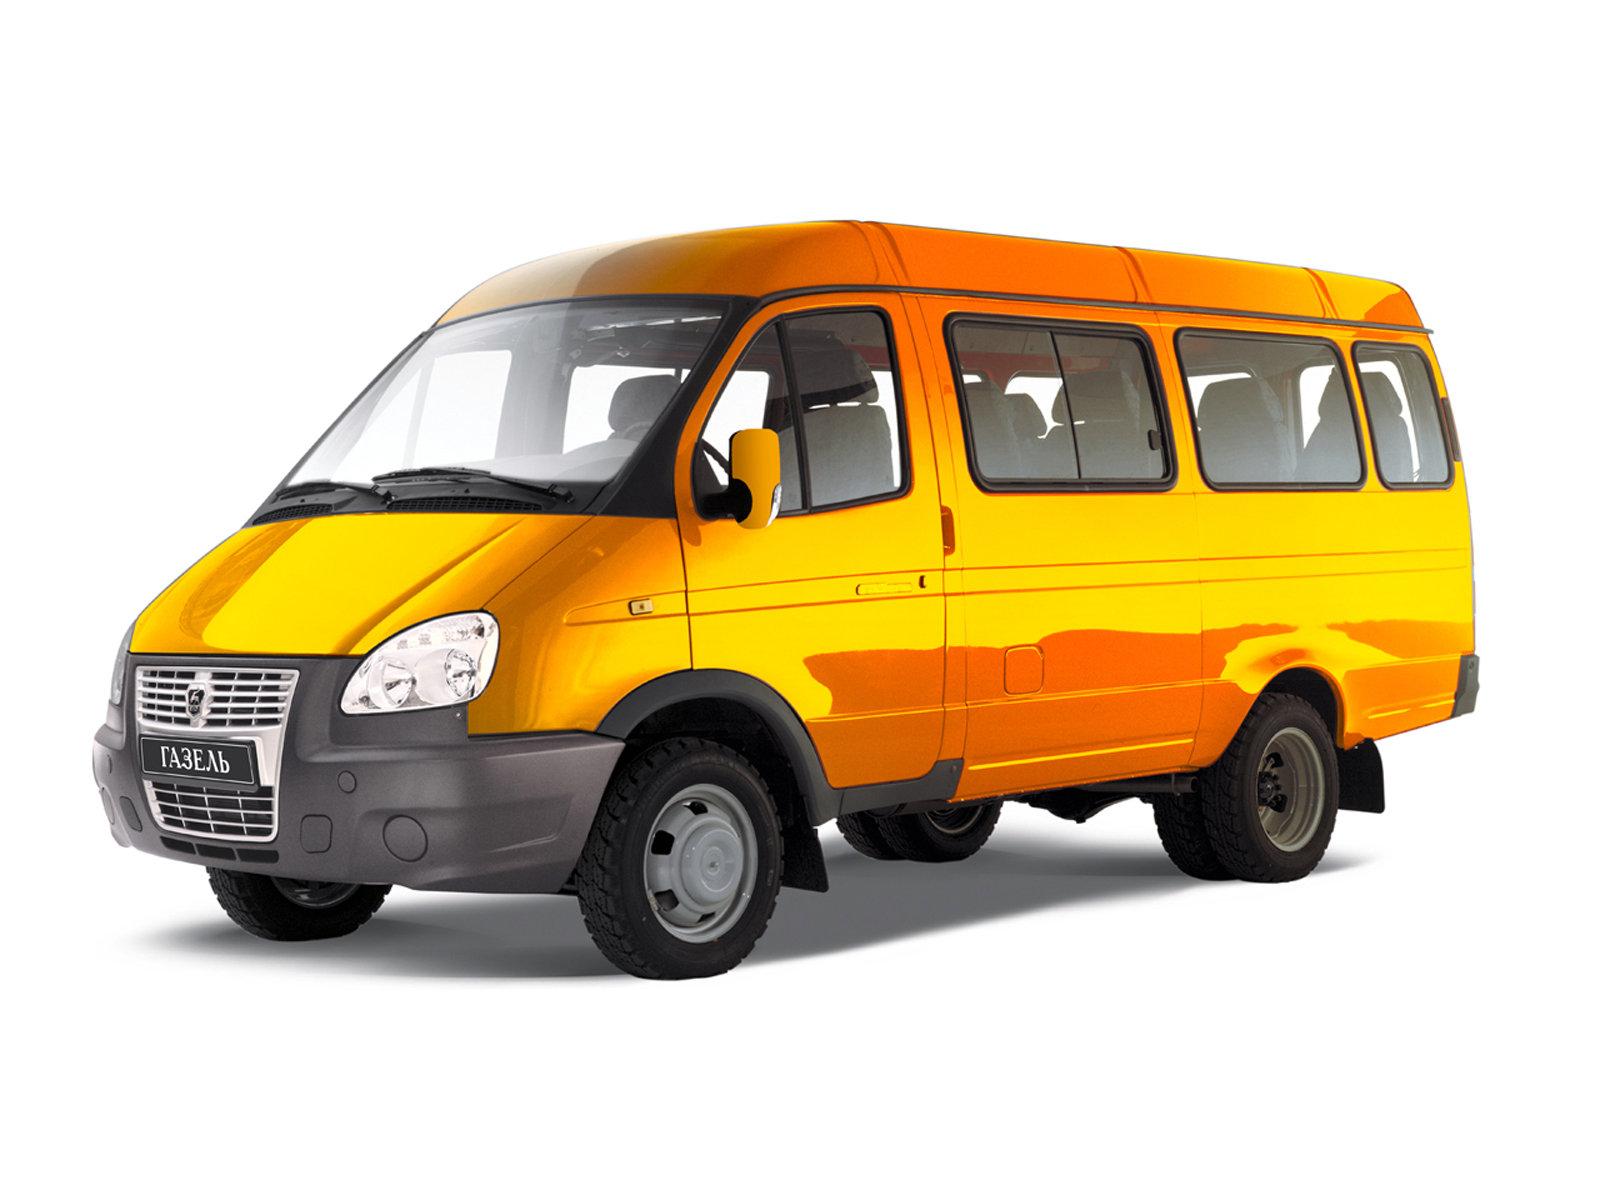 Расписание движения автобусов  на Бердянском автовокзале и смежных маршрутов из микрорайонов города на Дальнюю косу и дачи